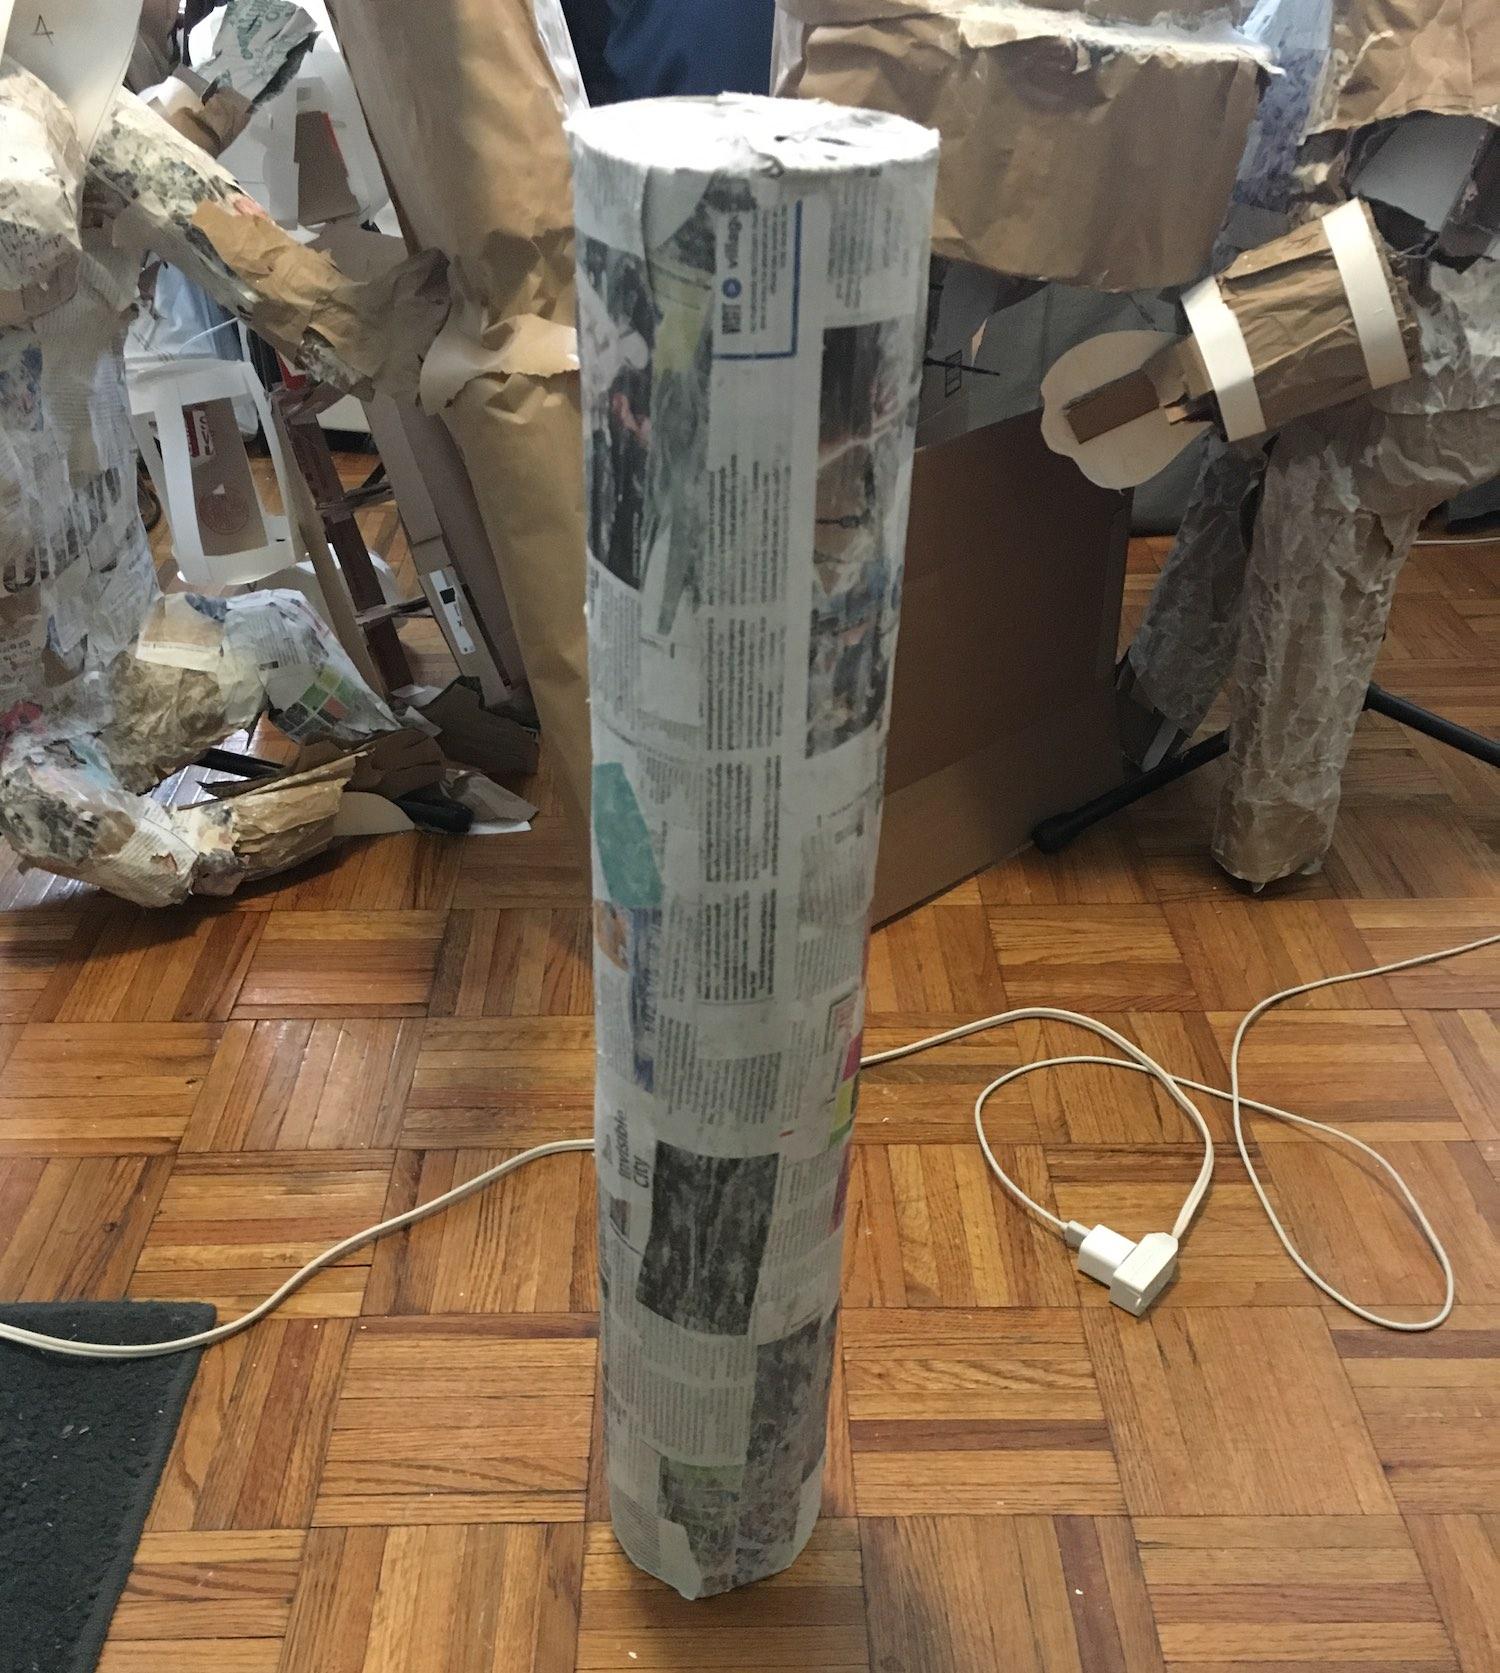 A papier-mâché tube